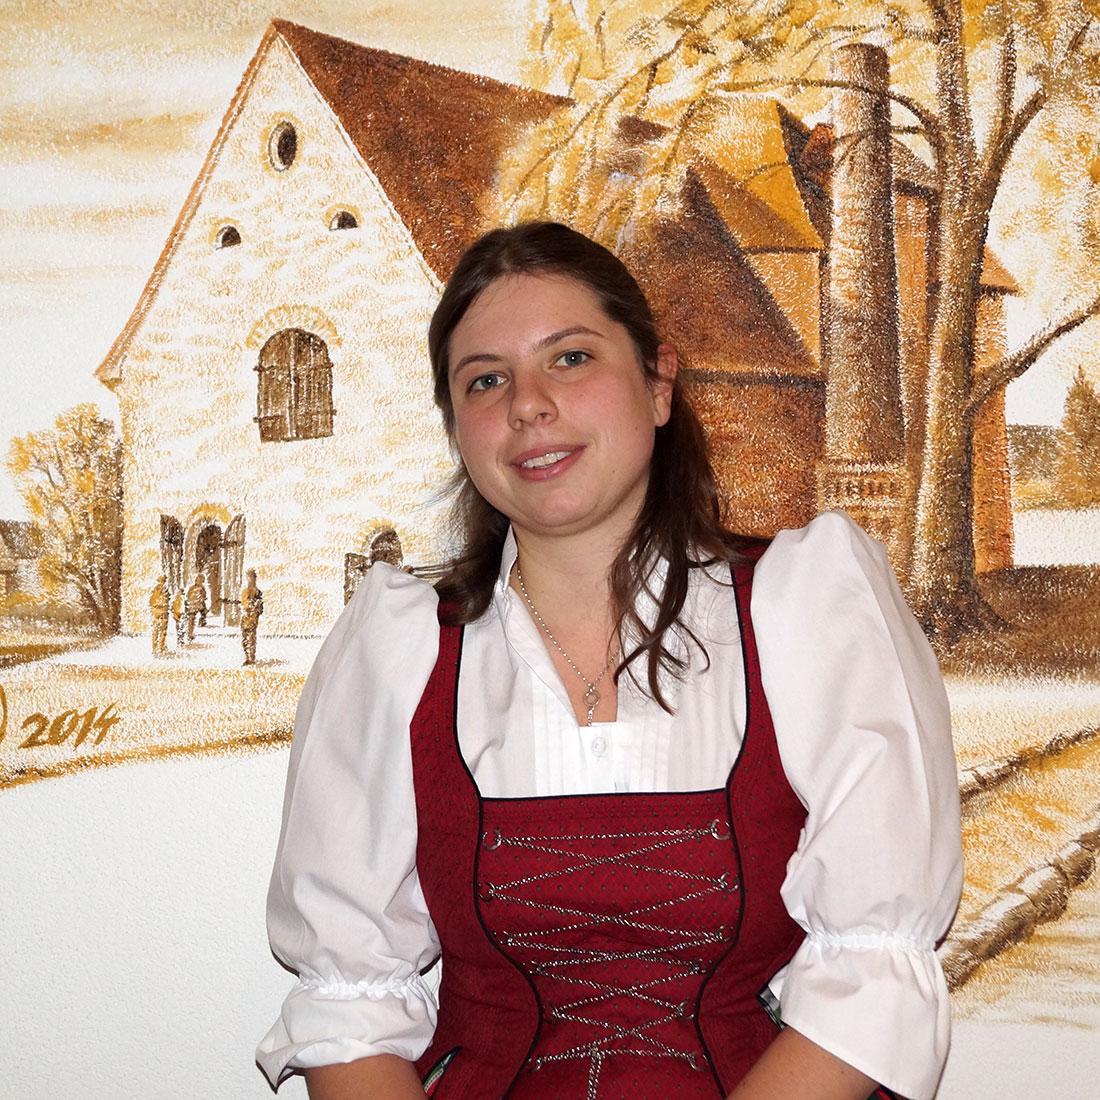 Corinna Huber